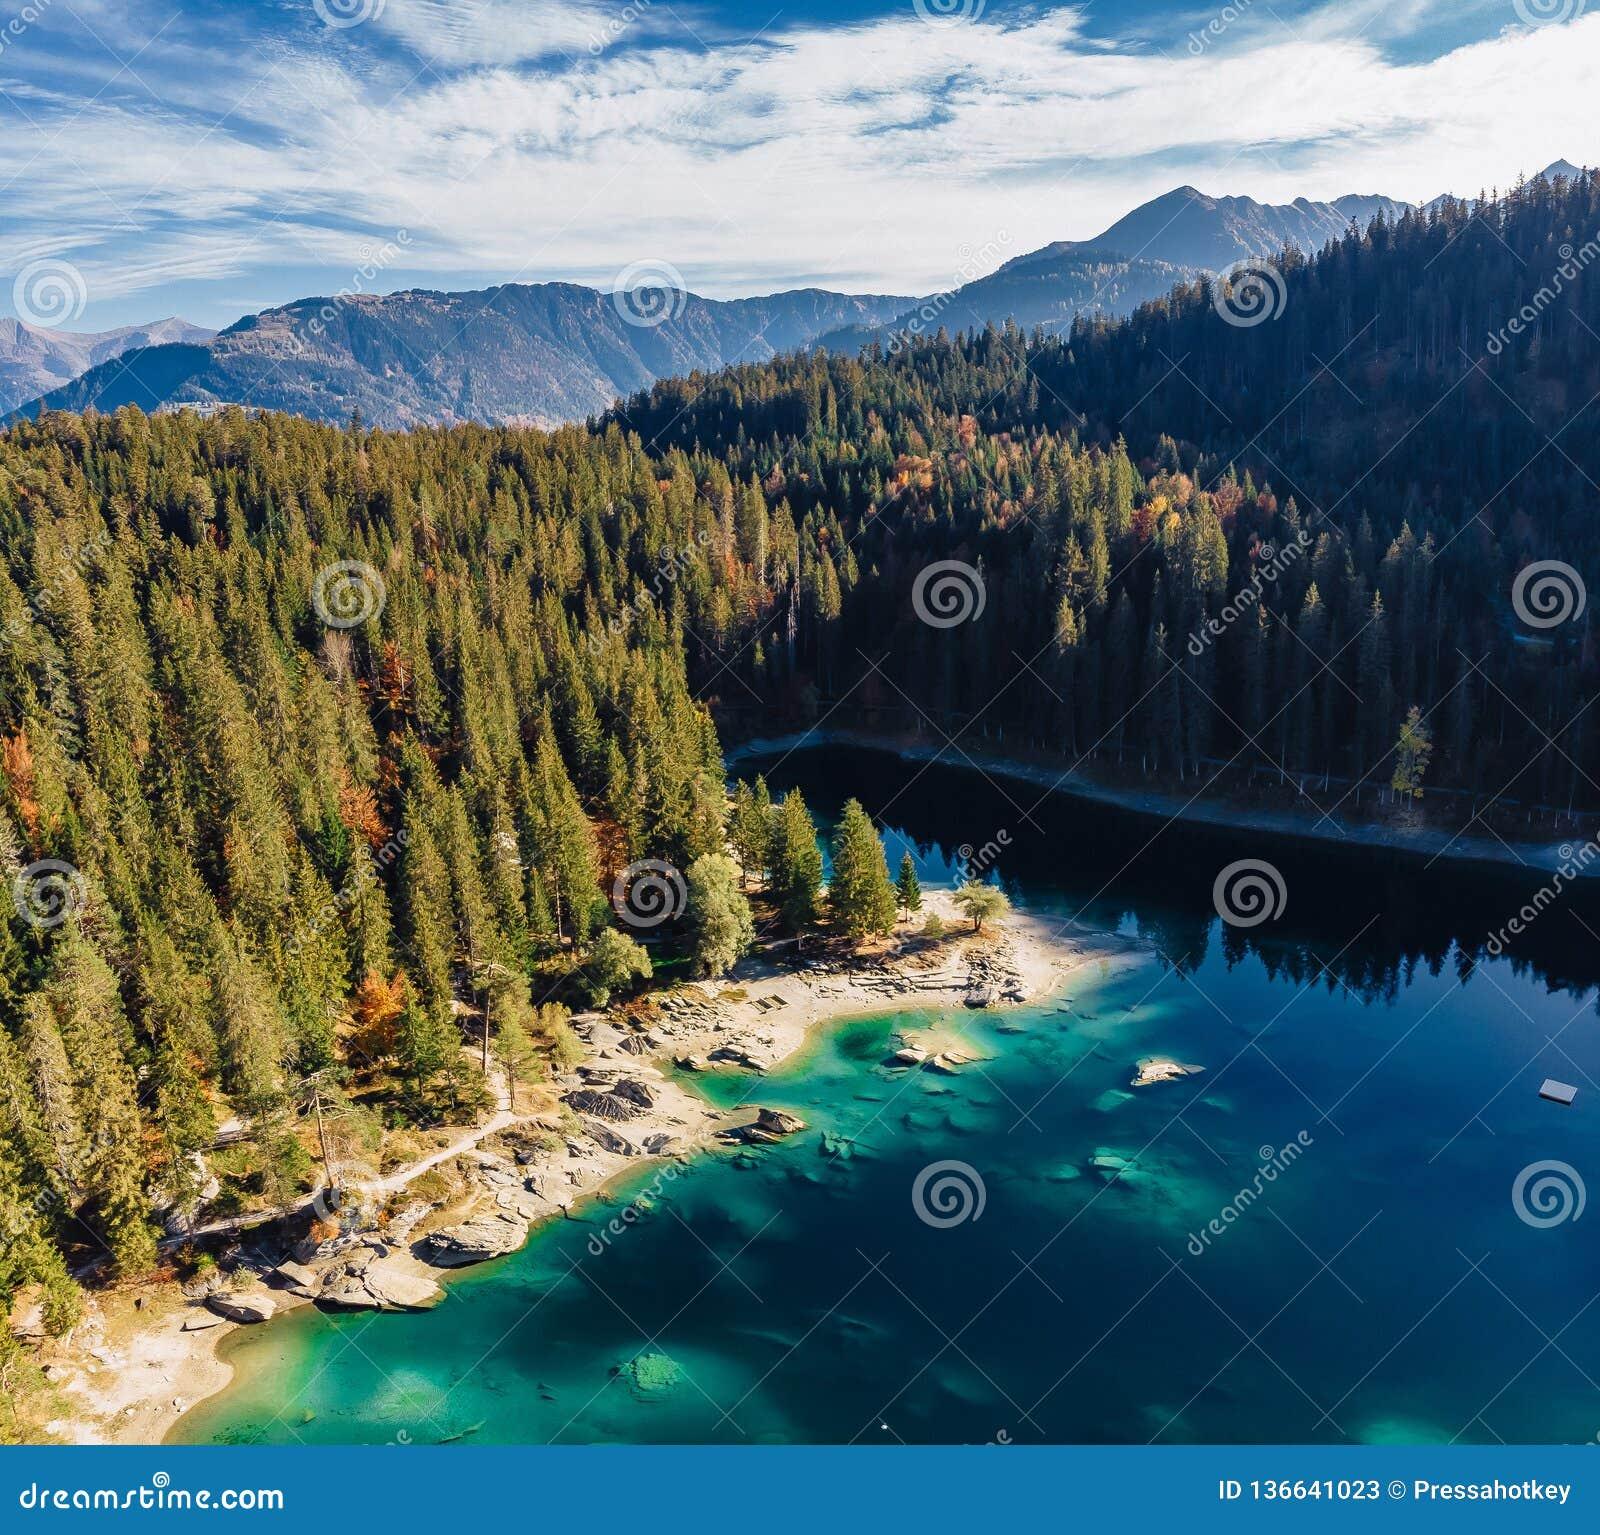 Озеро Flims на антенне трутня Швейцарии, высокогорных горах, солнечных, ландшафте лета, панораме квадрата открытого моря